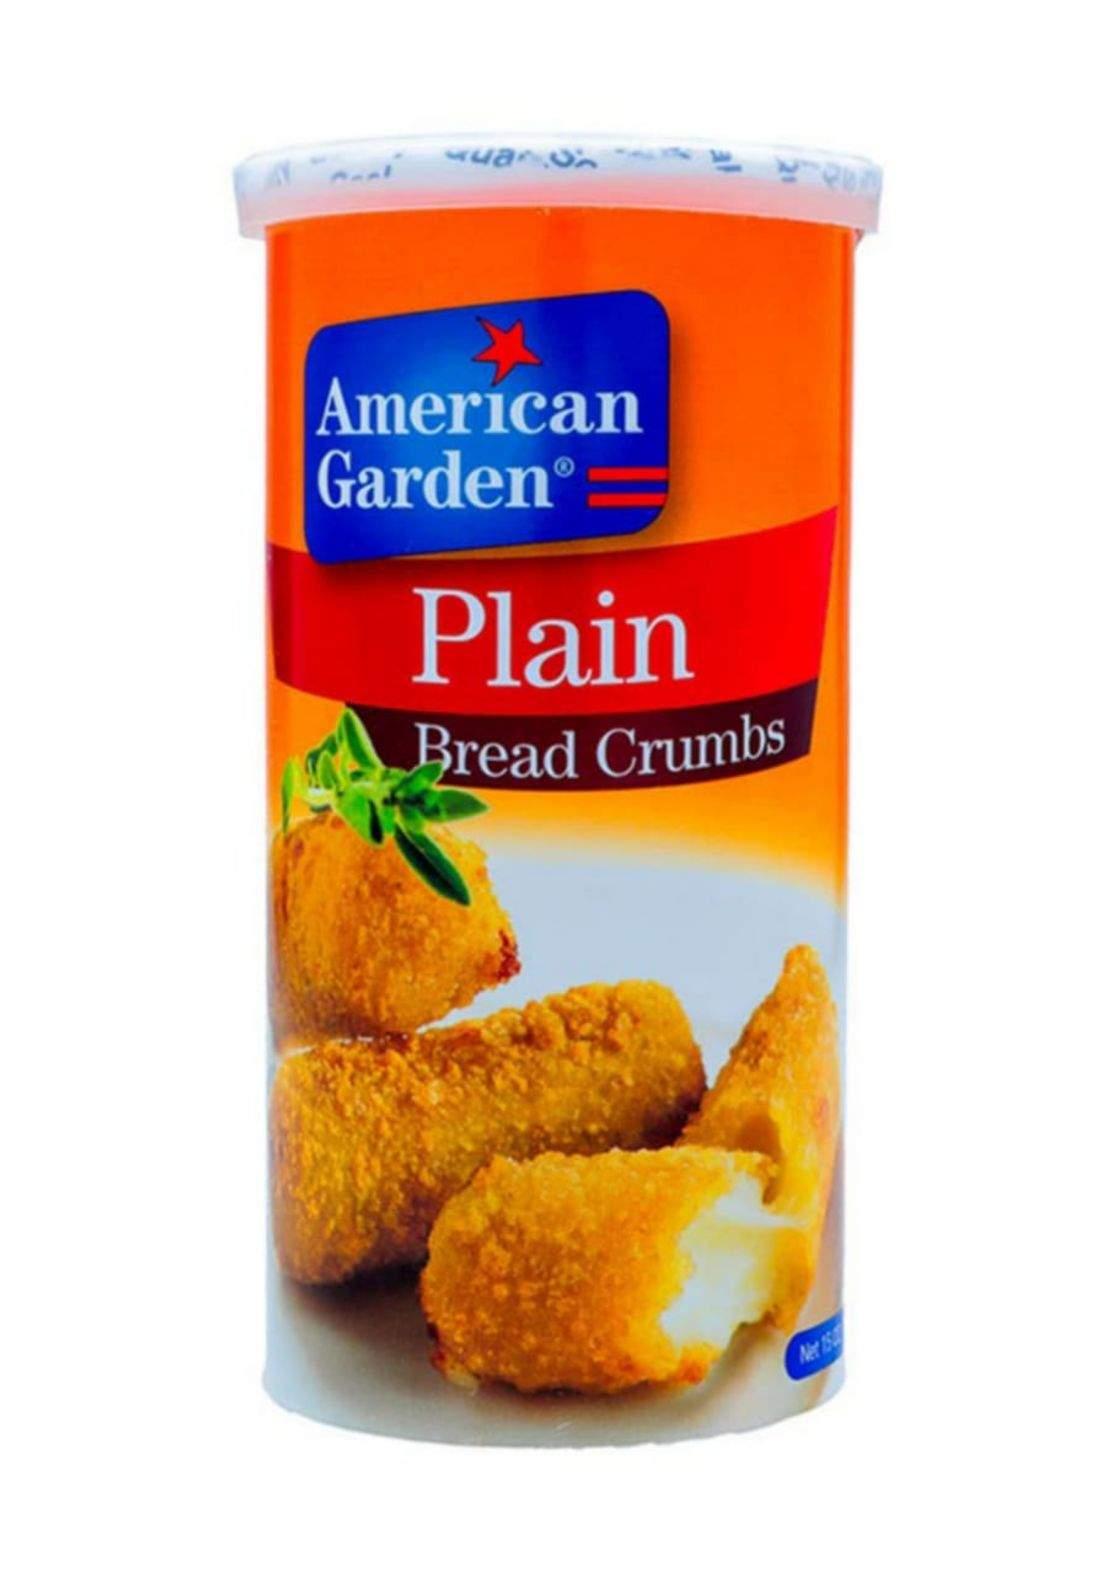 American garden bread crumbs 283g فتات خبز